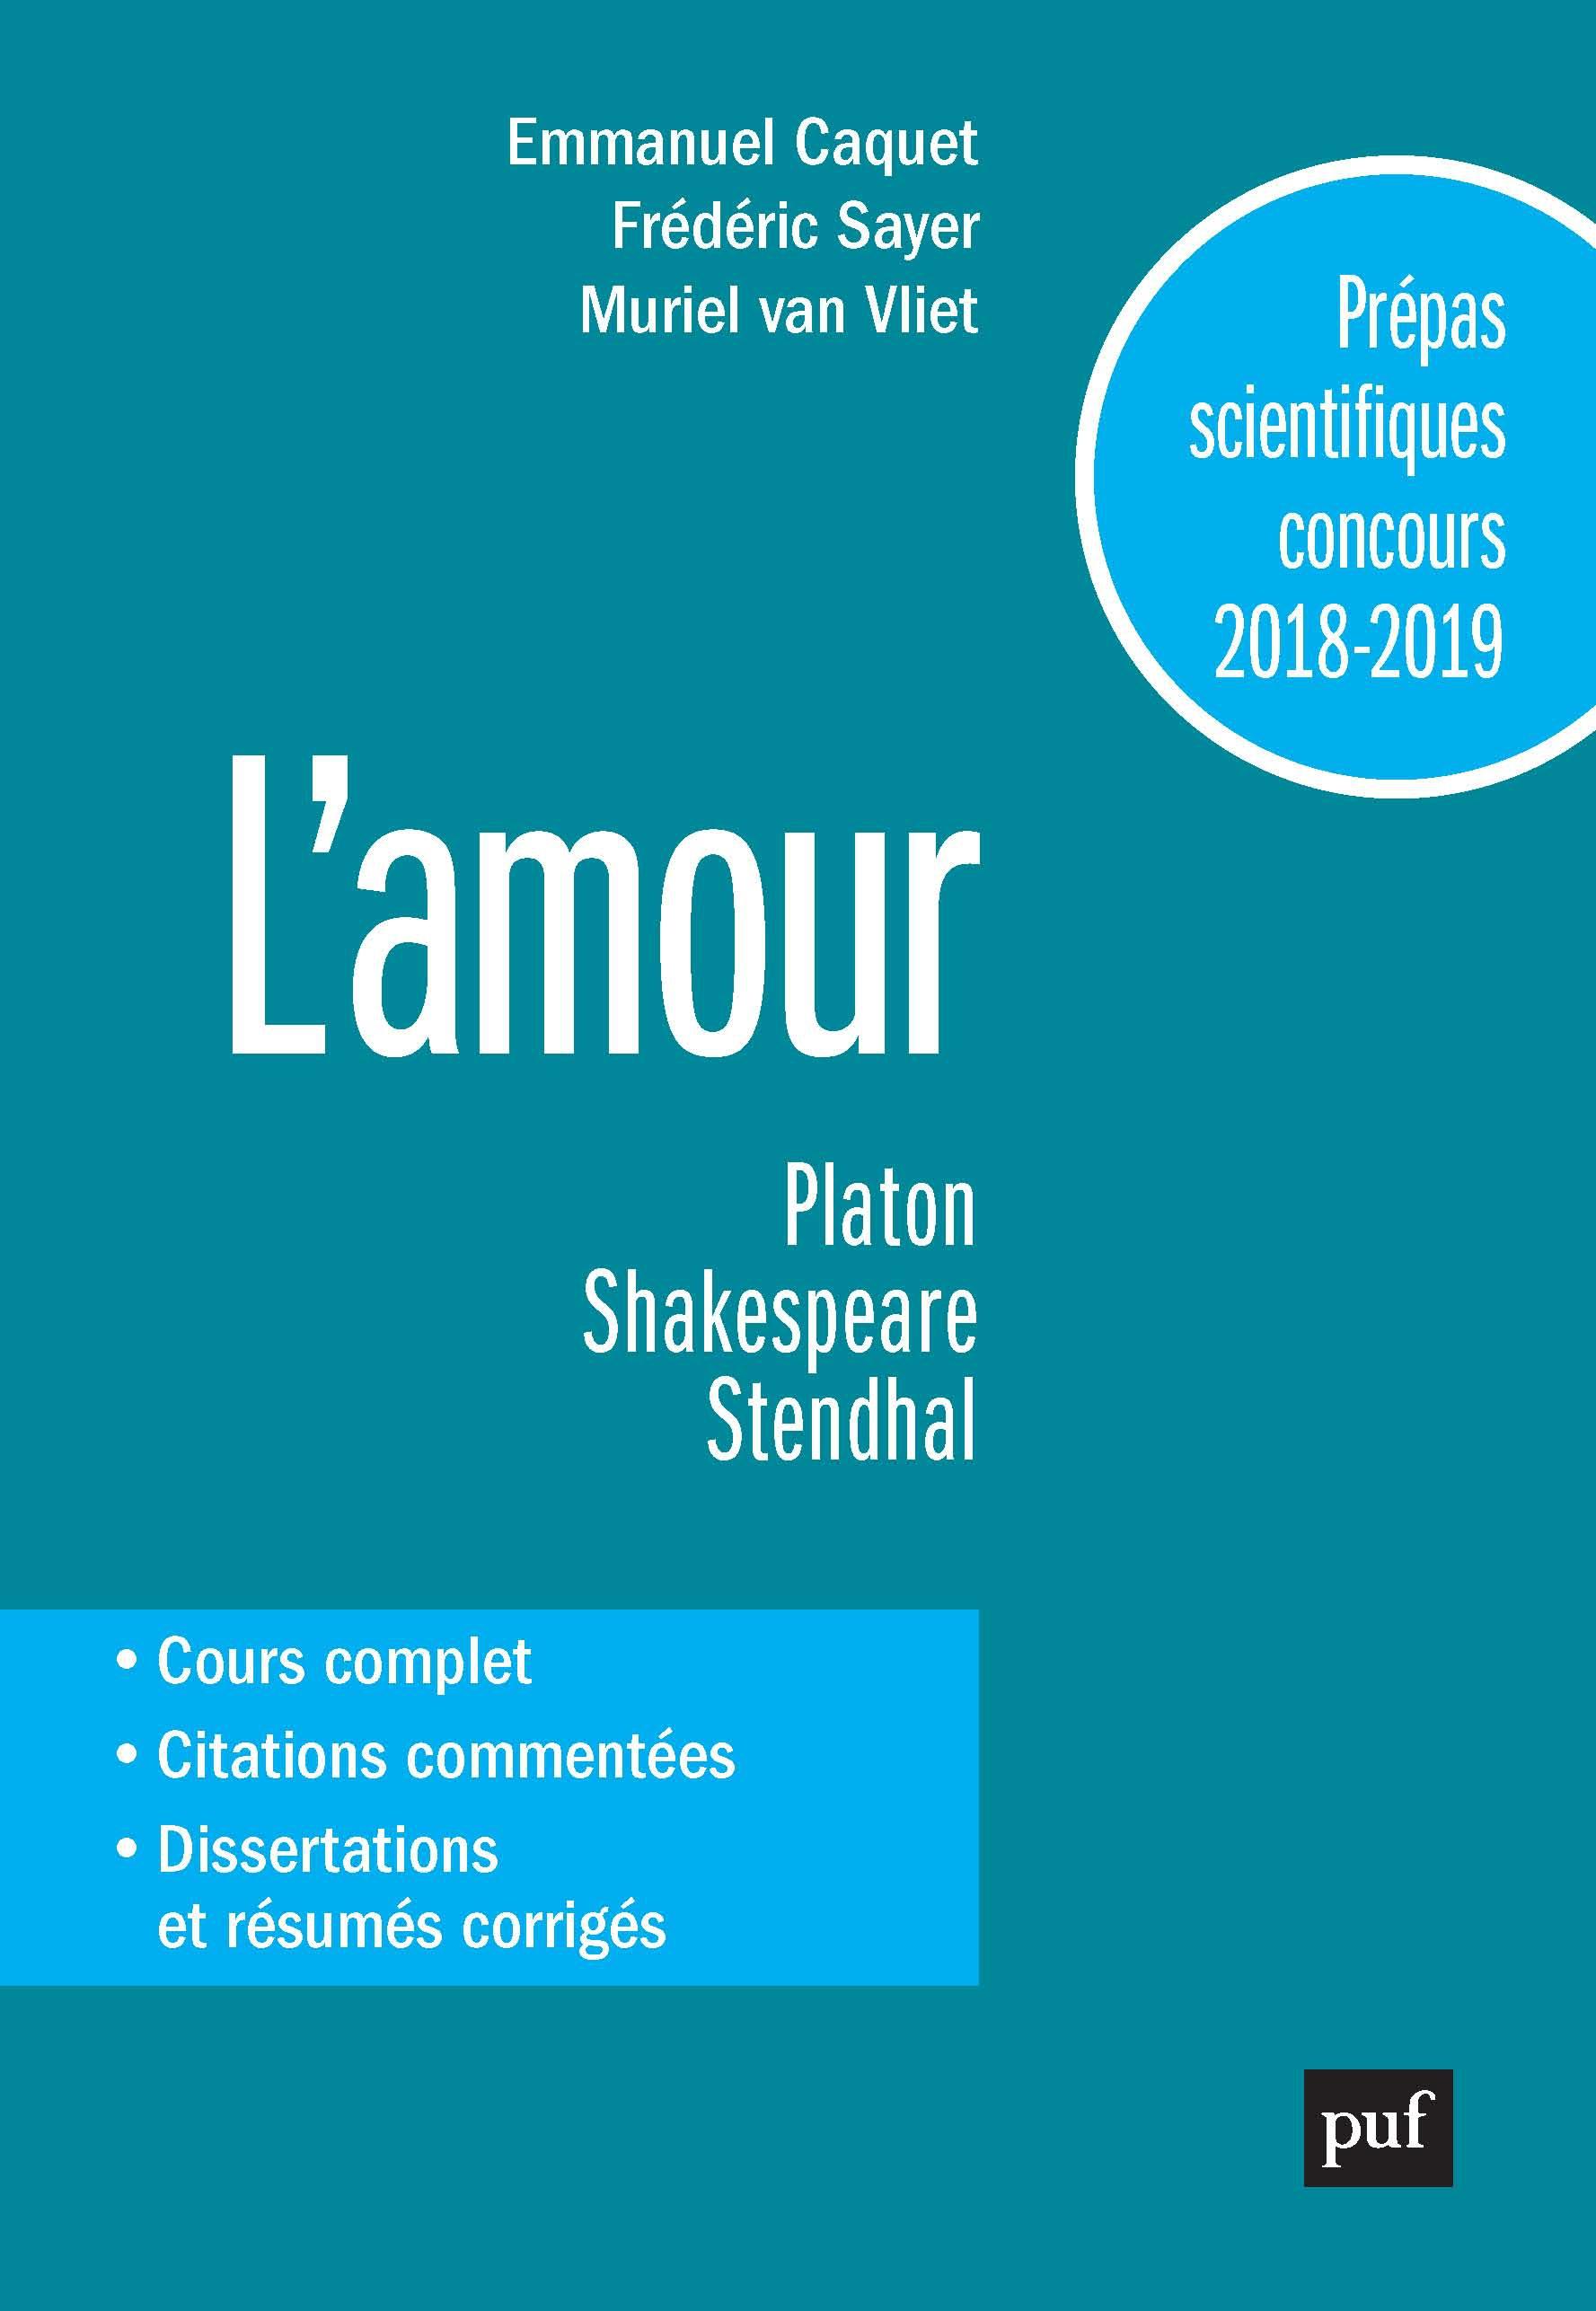 Dissertation sur amour ou honneur cheap school essay ghostwriting website for university